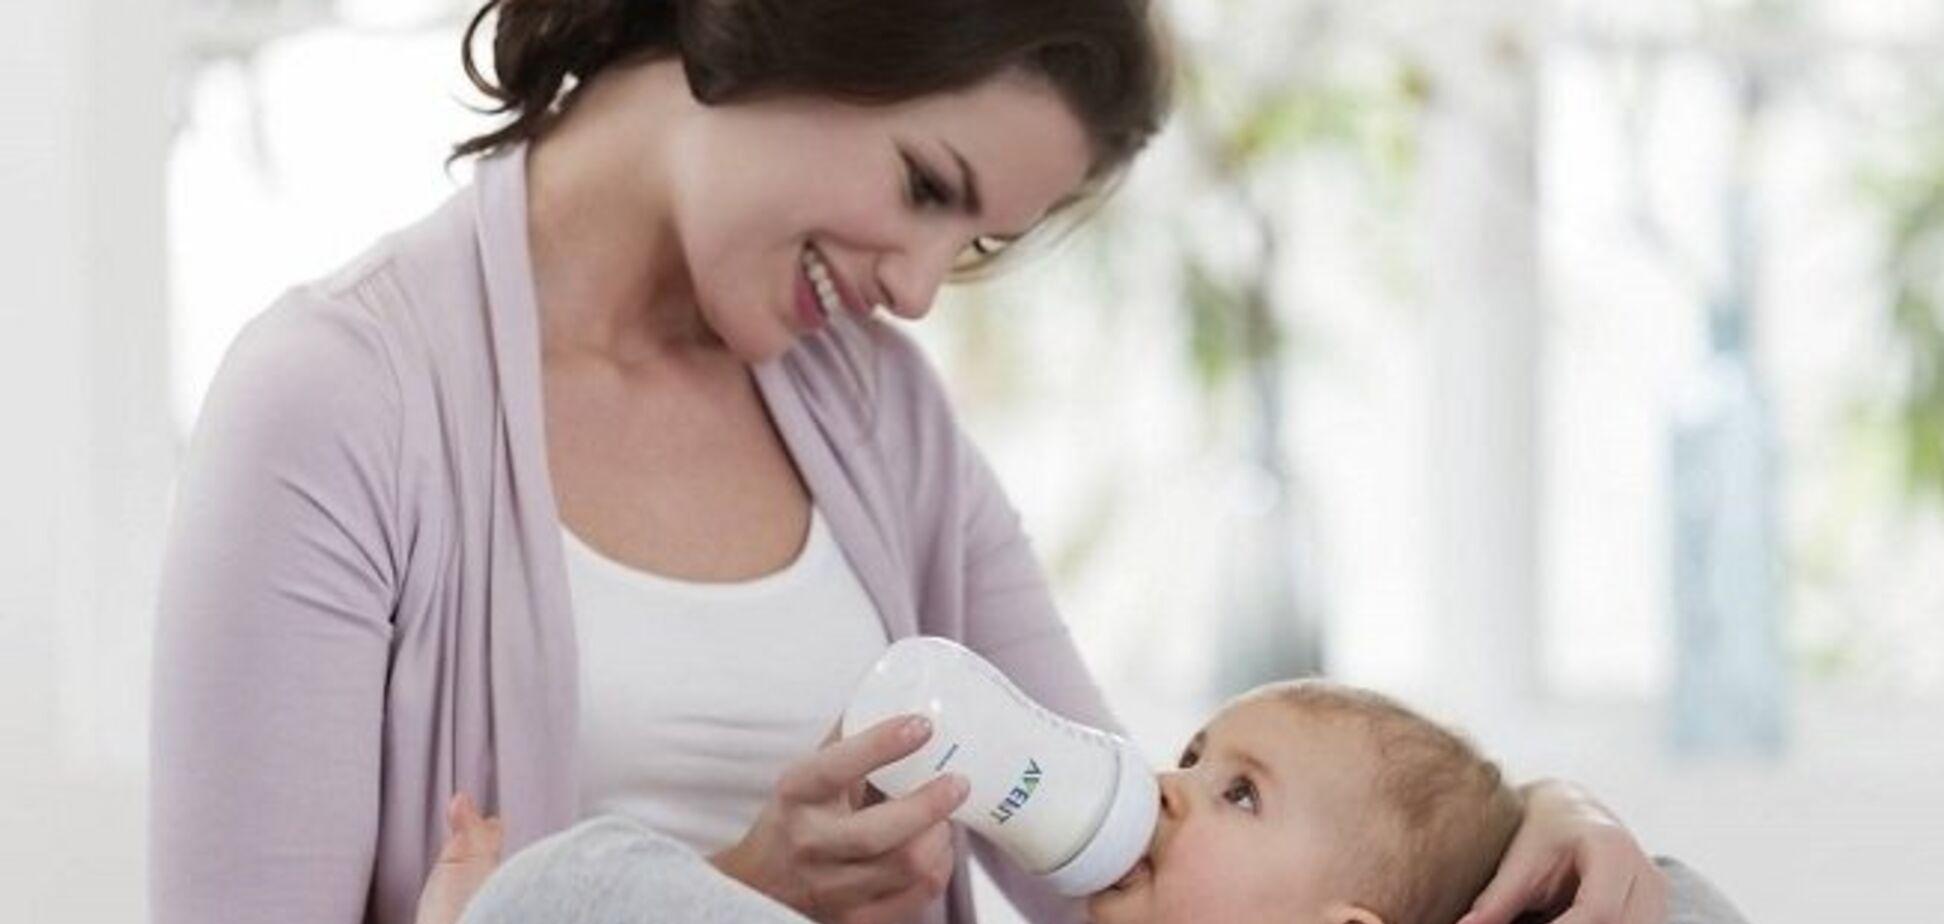 Гастроэзофагеальный рефлюкс у детей и подростков. Часть 1